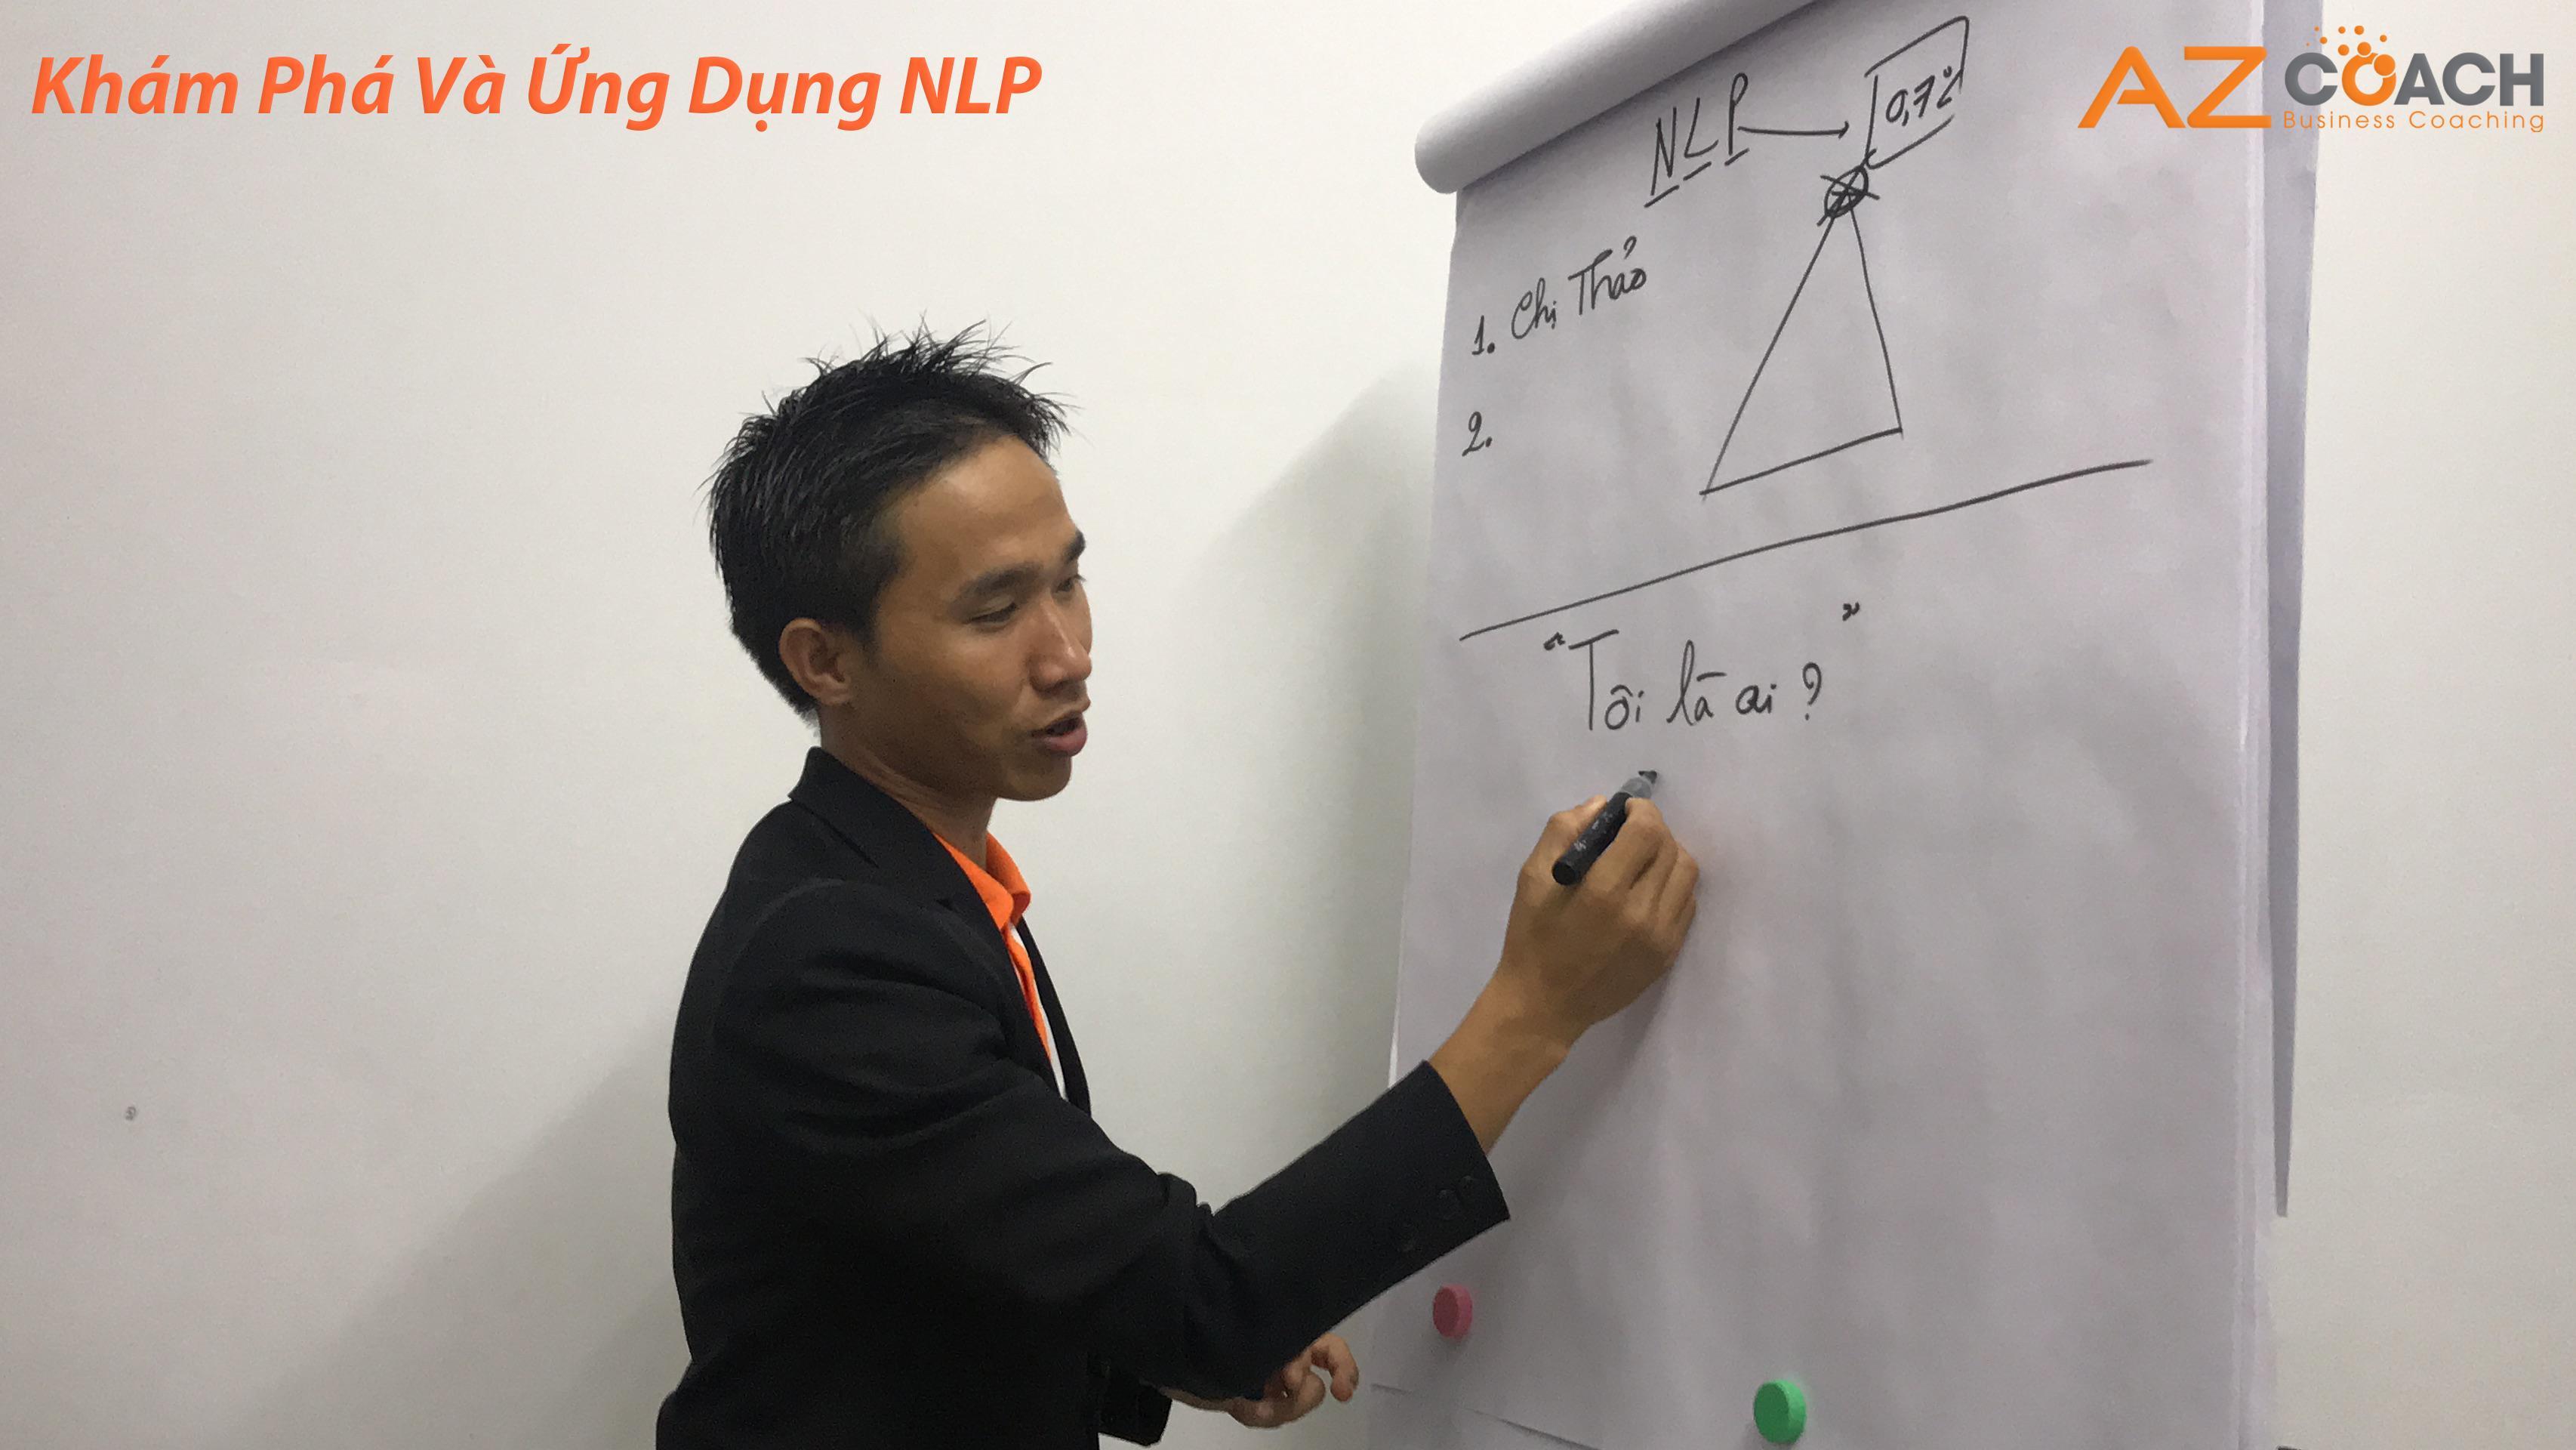 lớp học khám phá và ứng dụng NLP của AZ COACH